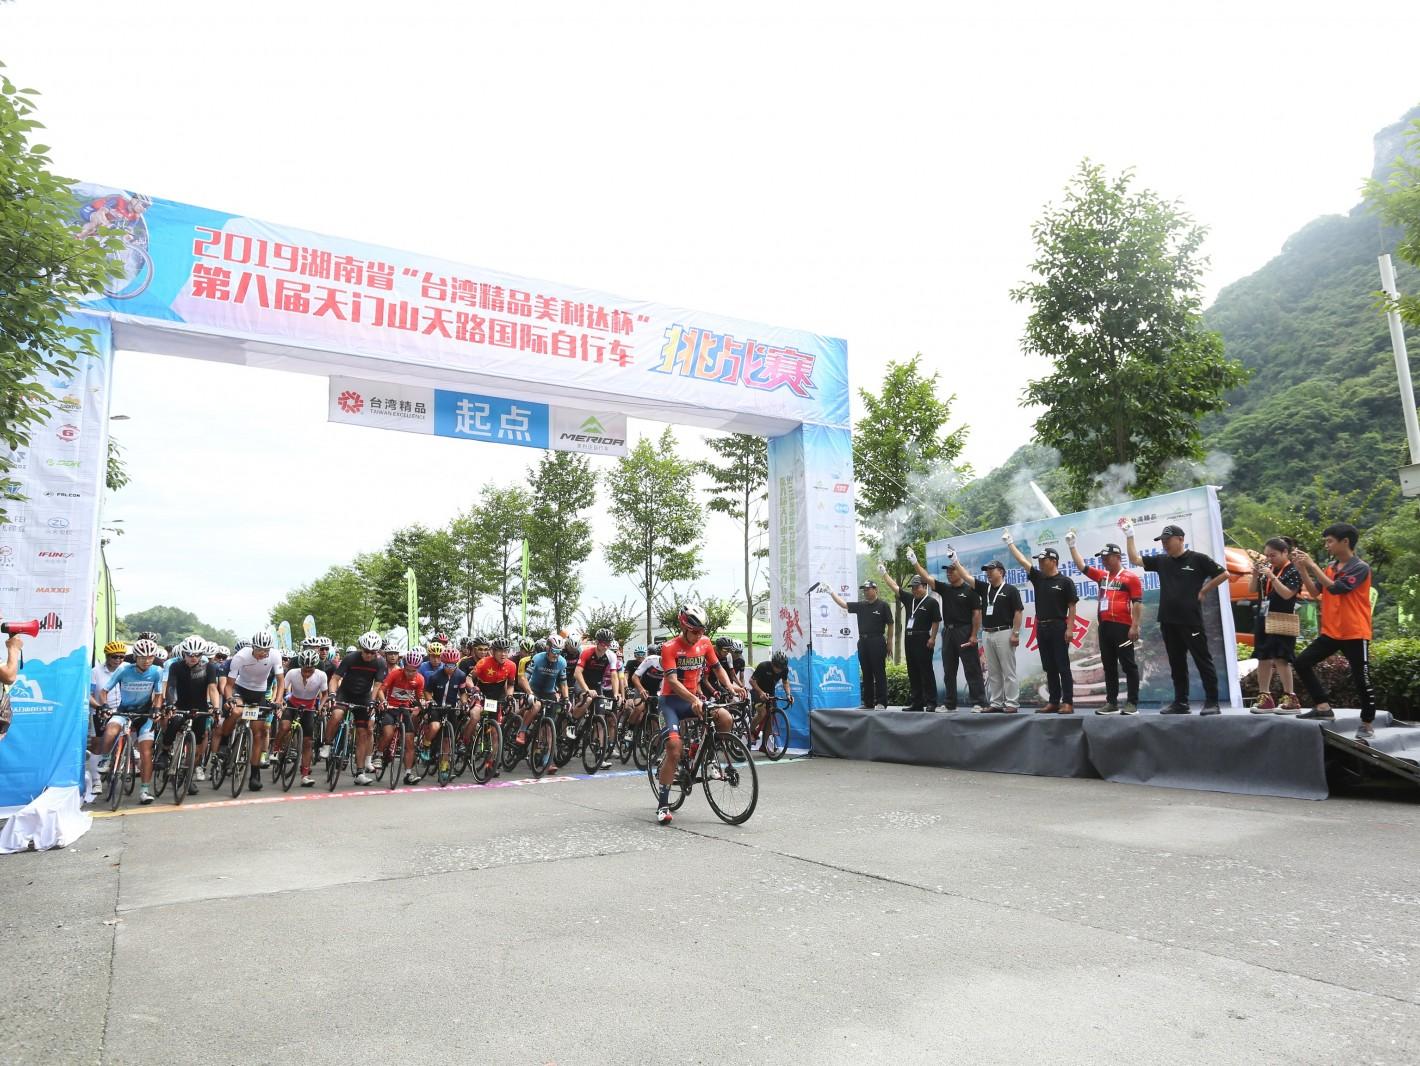 台湾精品美利达杯国际自行车赛由出席贵宾鸣枪宣布开赛、巴林美利达车队公路一哥王美银领骑